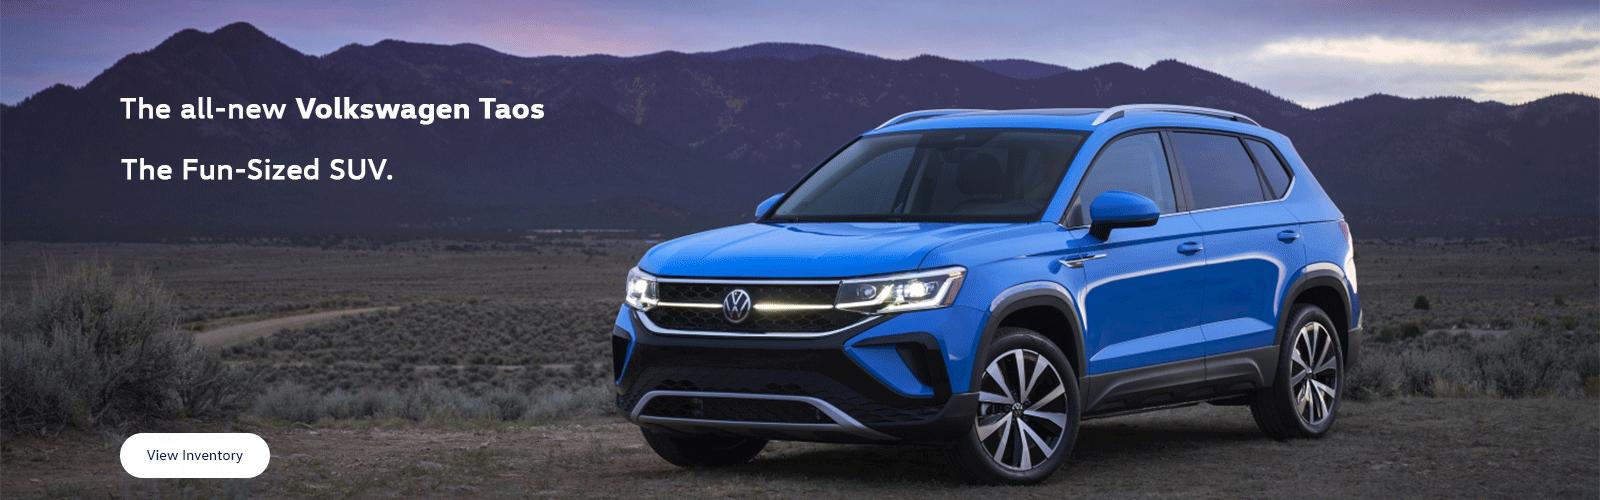 VW-Taos-1600×500